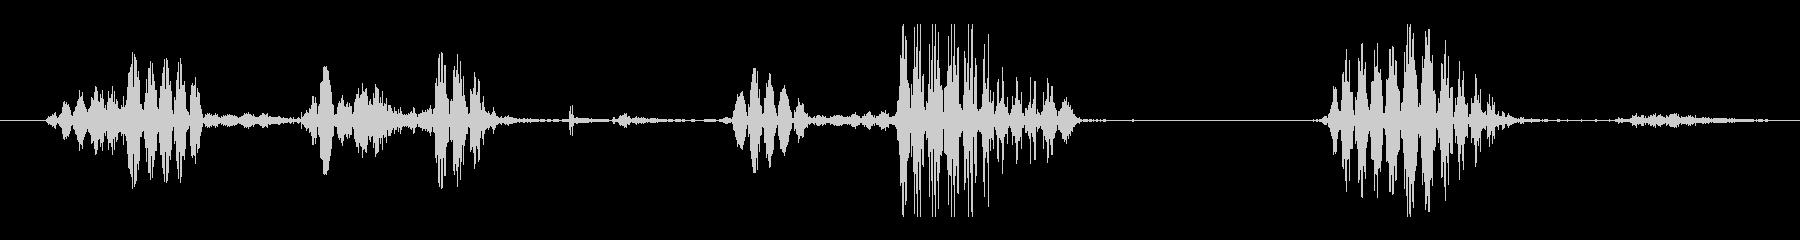 フィクション AI シャトル男性シ...の未再生の波形